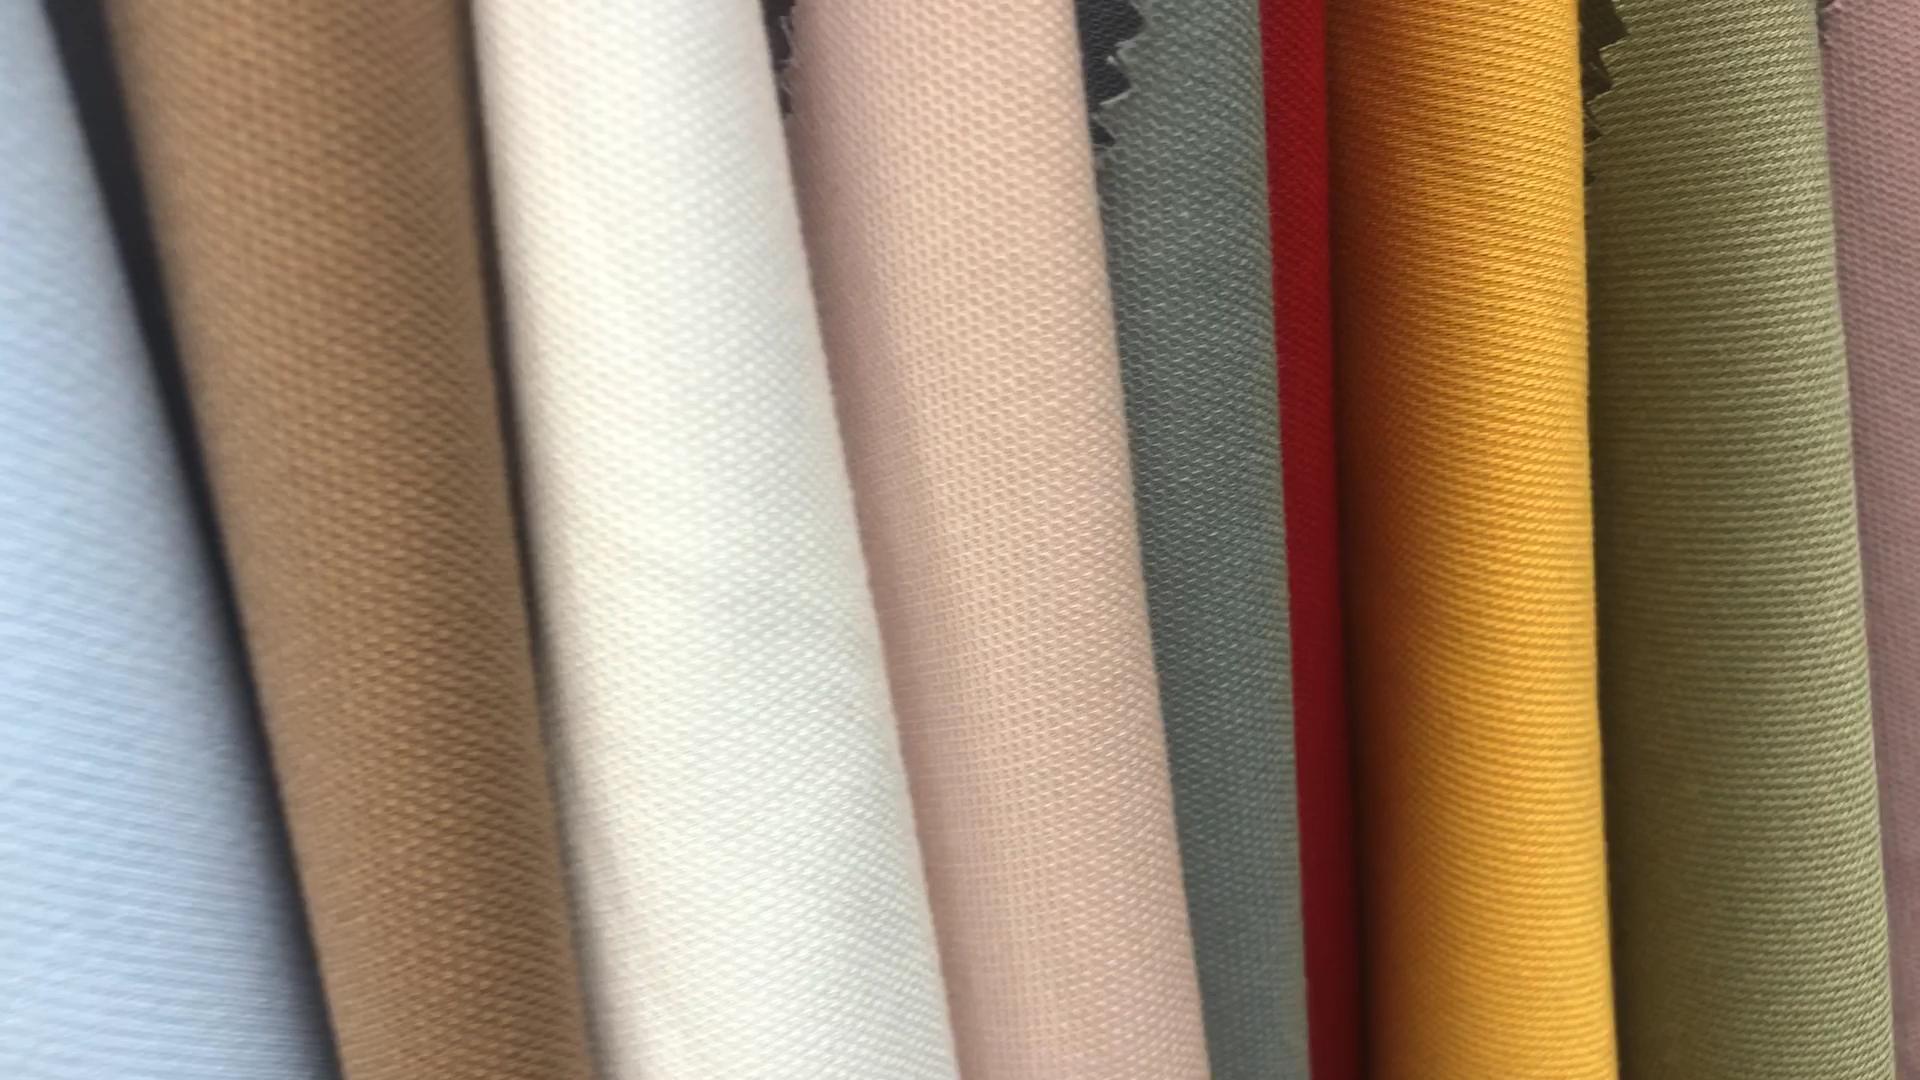 น้ำหนักเบาผ้าใบสไตล์ยืดเรยอนโพลีเอสเตอร์Spandexผ้าจากประเทศจีน